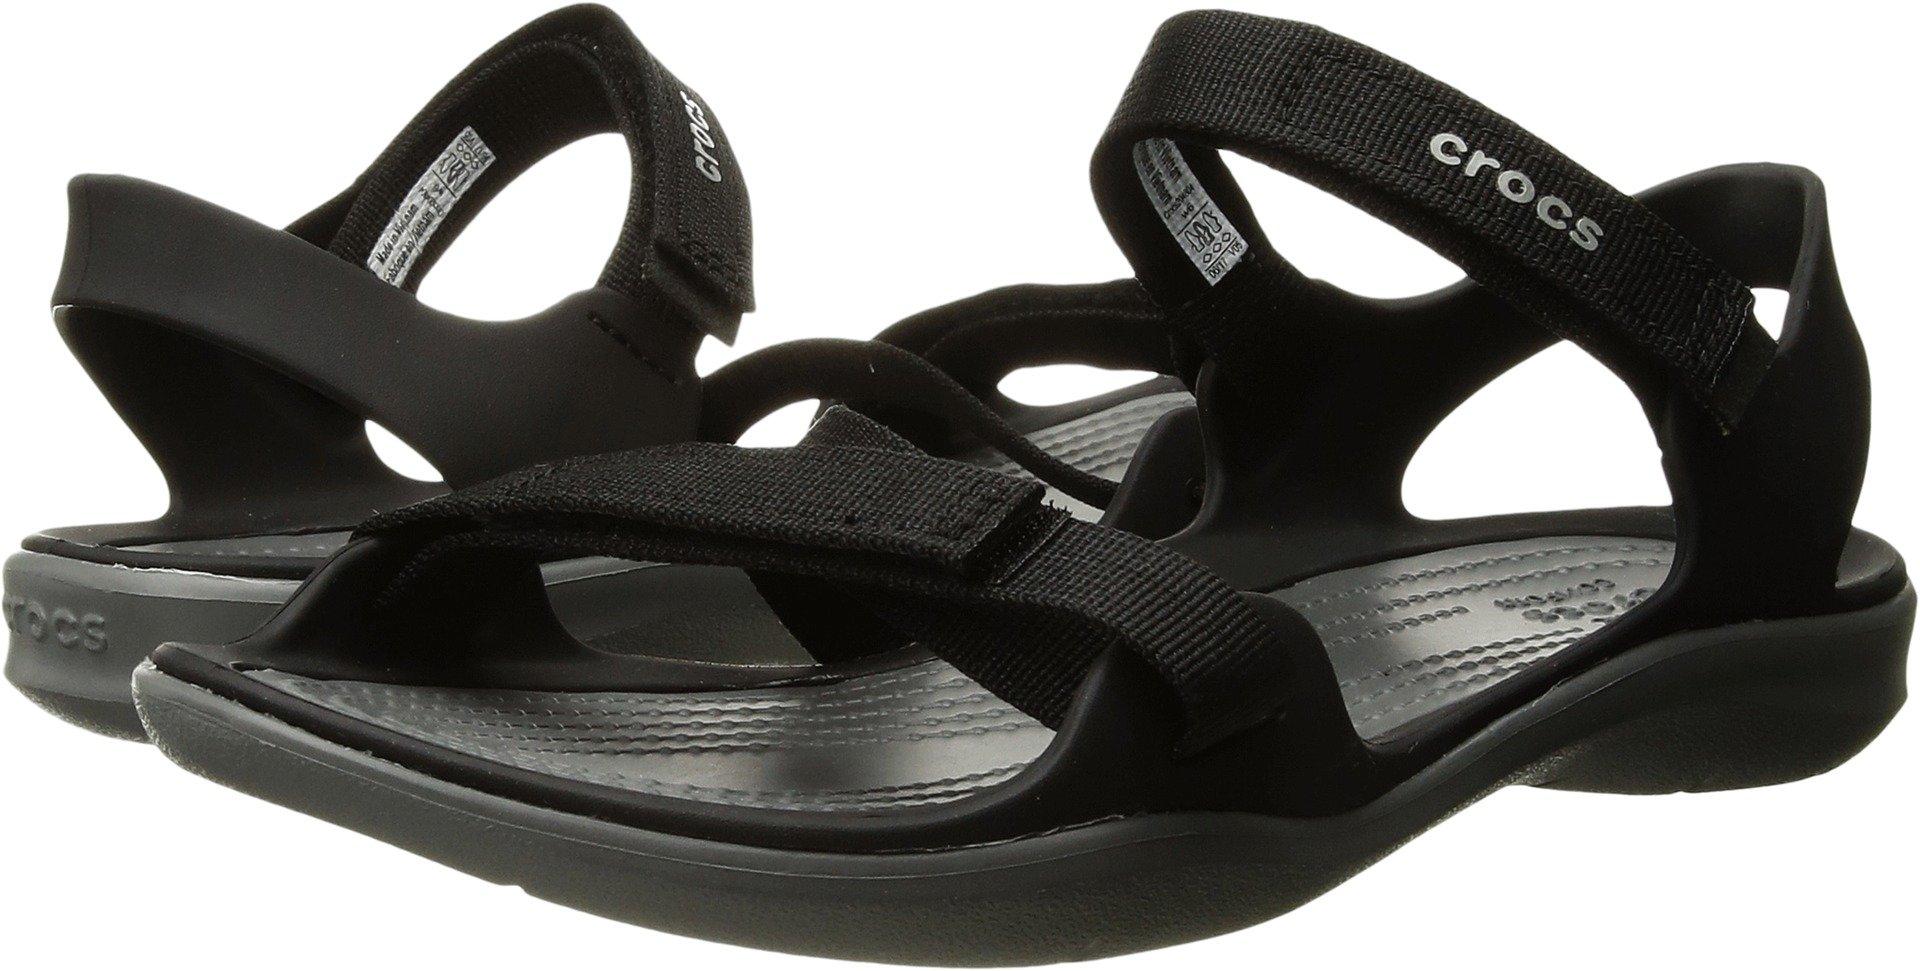 Crocs Women's Swiftwater Webbing W Flat Sandal, Black, 8 M US by Crocs